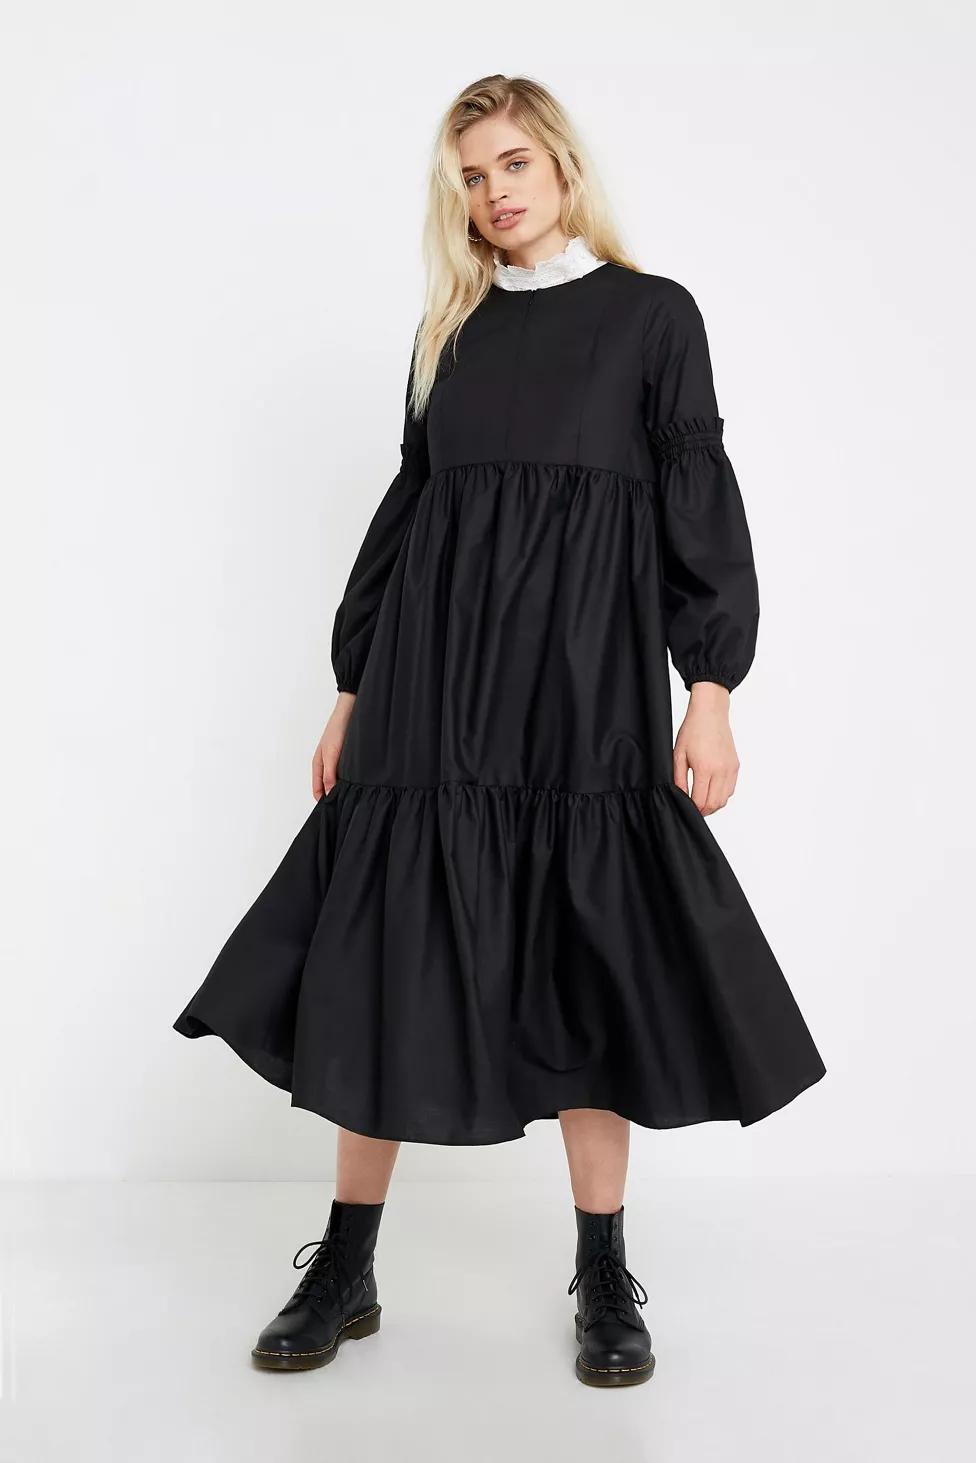 Uo Poplin Smock Midi Dress Vintage Dresses Casual Fashion Dresss Midi Dress [ 1463 x 976 Pixel ]